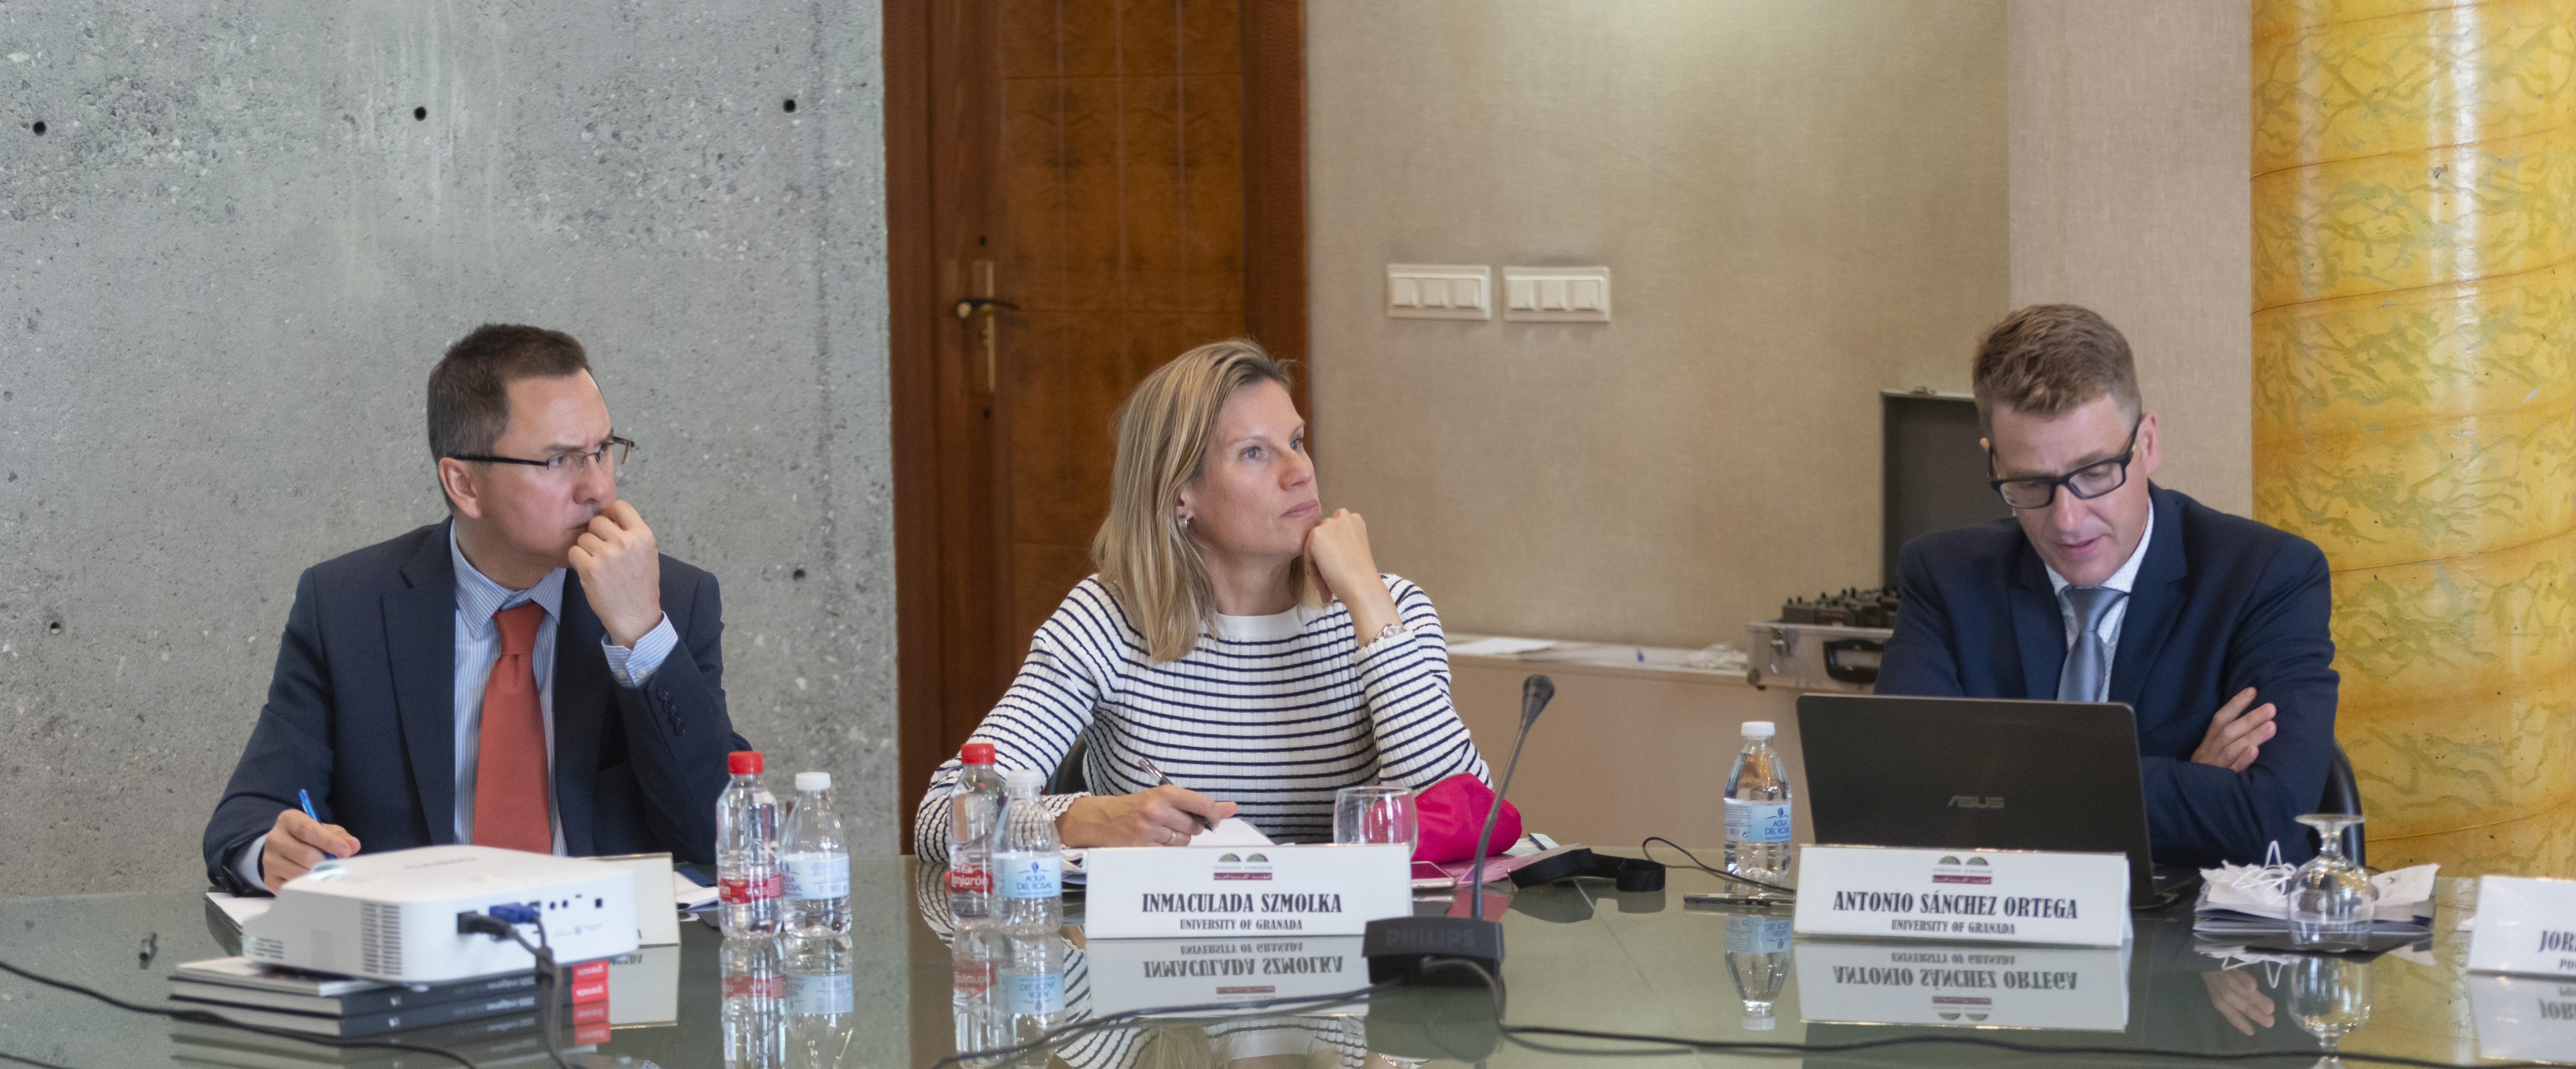 El Vice Secretario de la Fundación Euroárabe y profesor de la Universidad de Granada, Antonio Serrano; Inmaculada Szmolka, profesora de Ciencias Políticas de la Universidad de Granada, y Antonio Sánchez profesor de Relaciones Internacionales de la misma universidad.